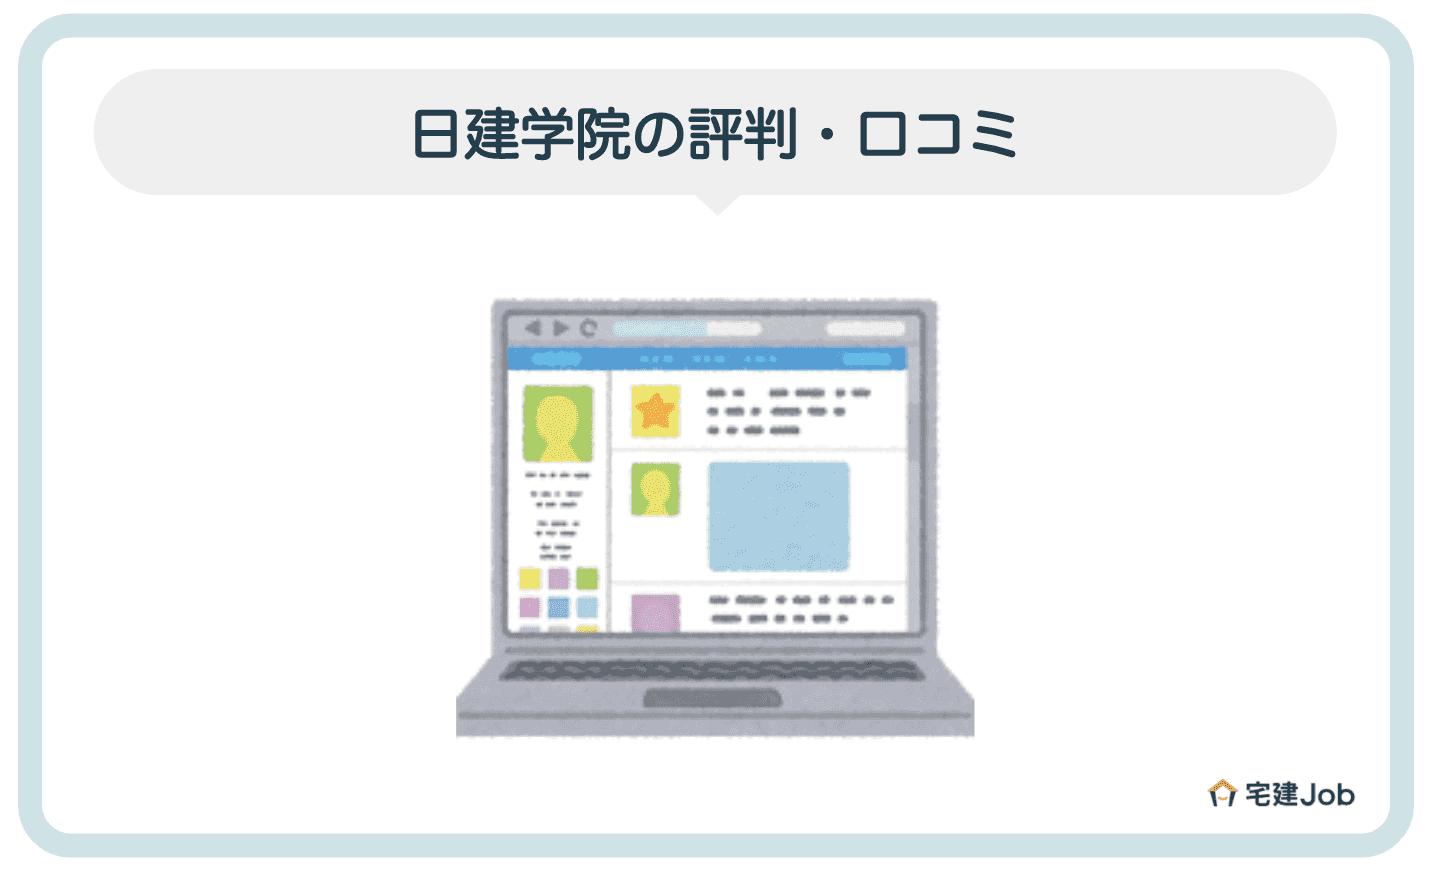 3.日建学院の宅建講座の評判・口コミ